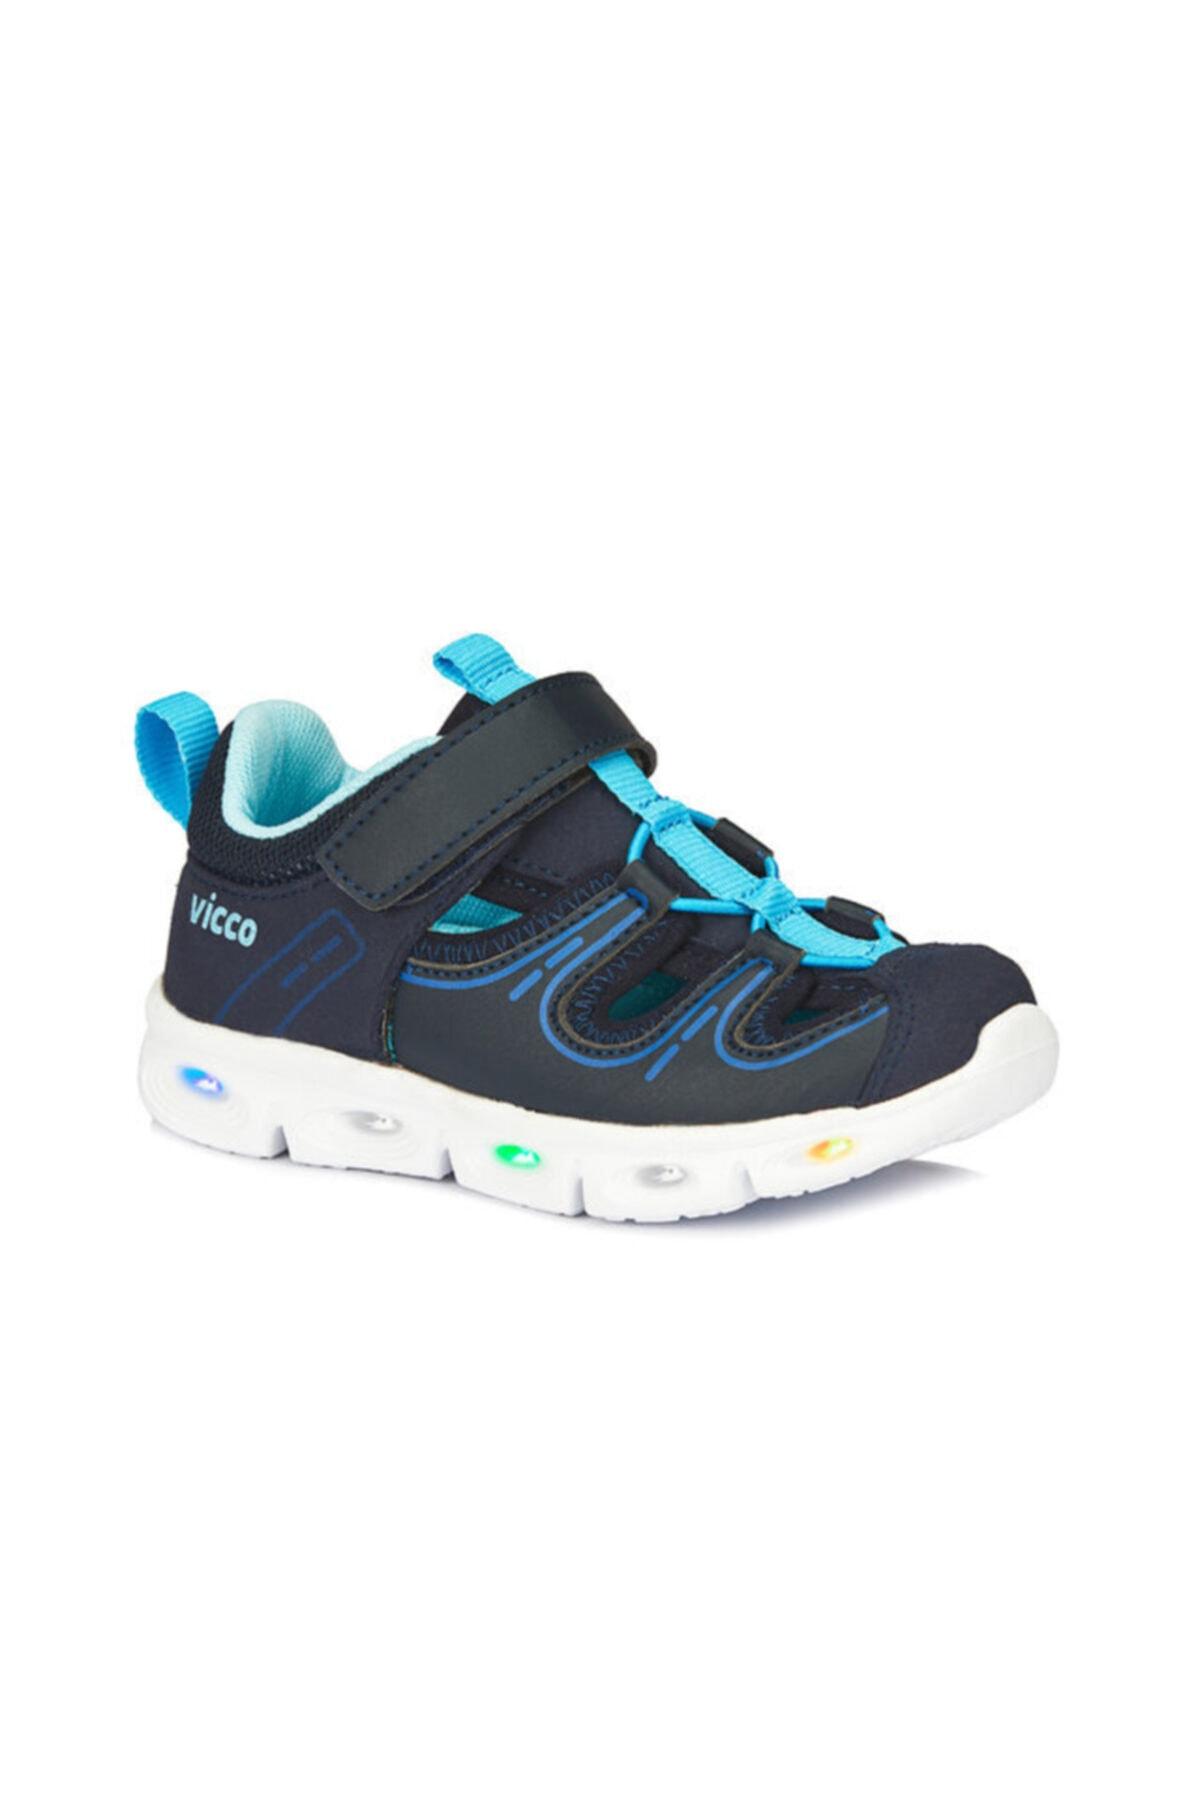 Vicco Erkek Çocuk Işıklı Sandalet 1